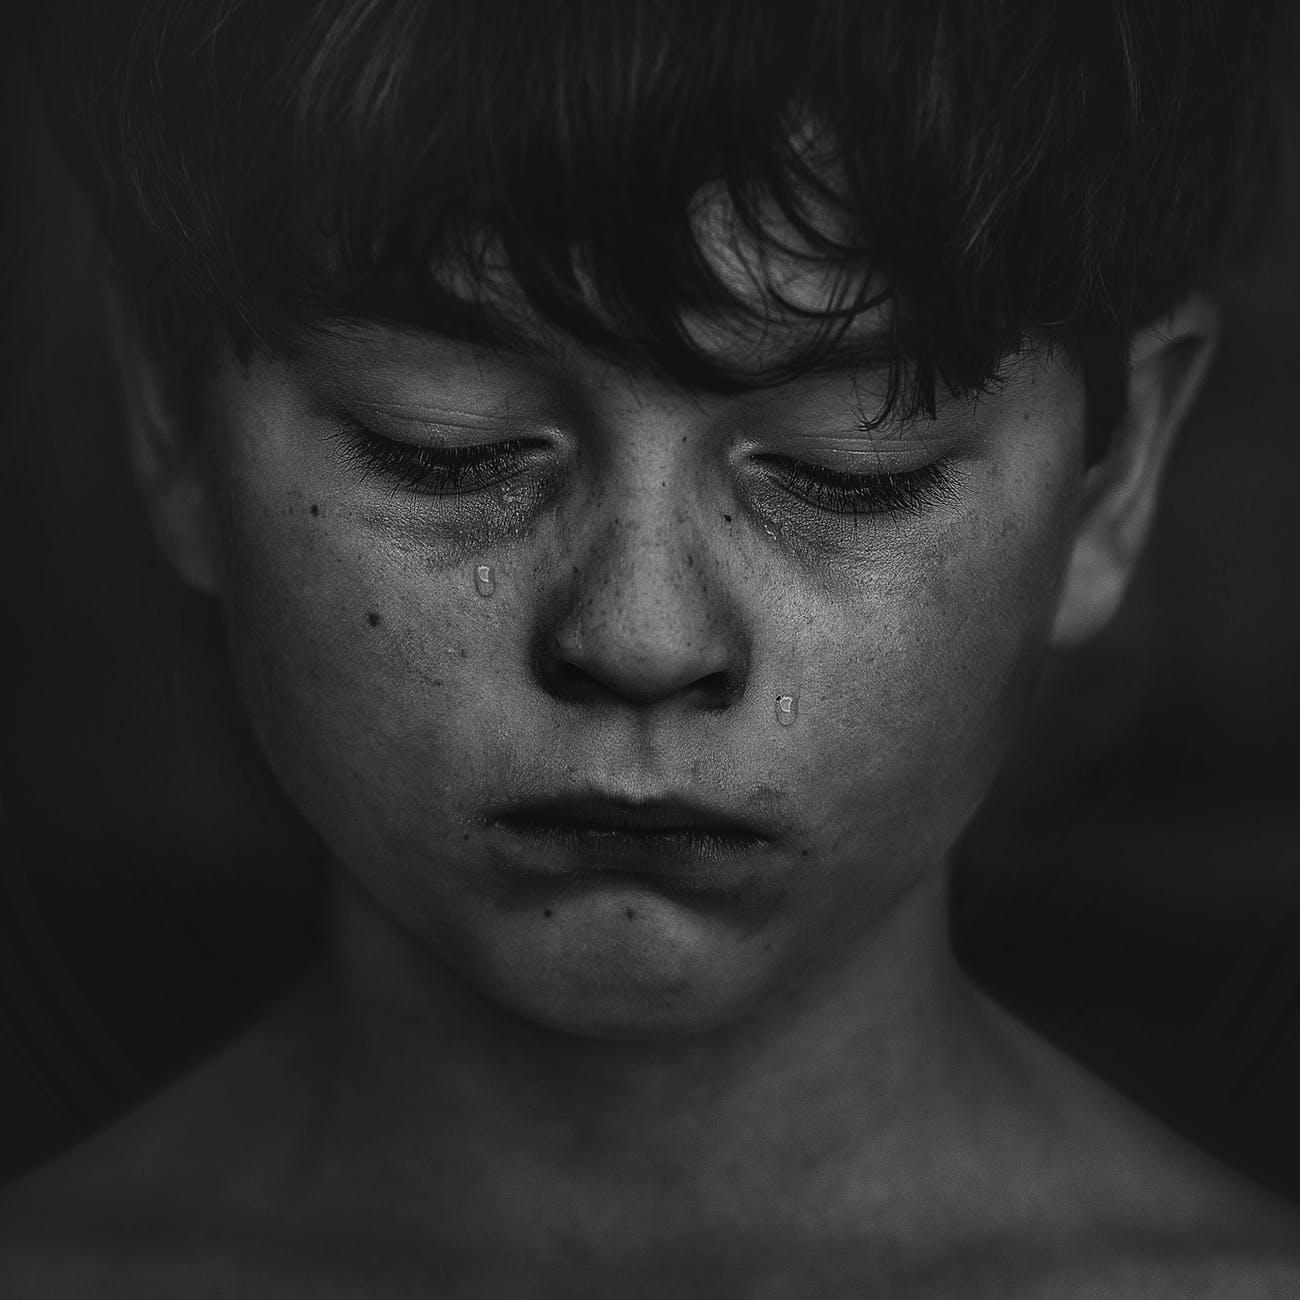 Våldsutsatta barn Social resurs